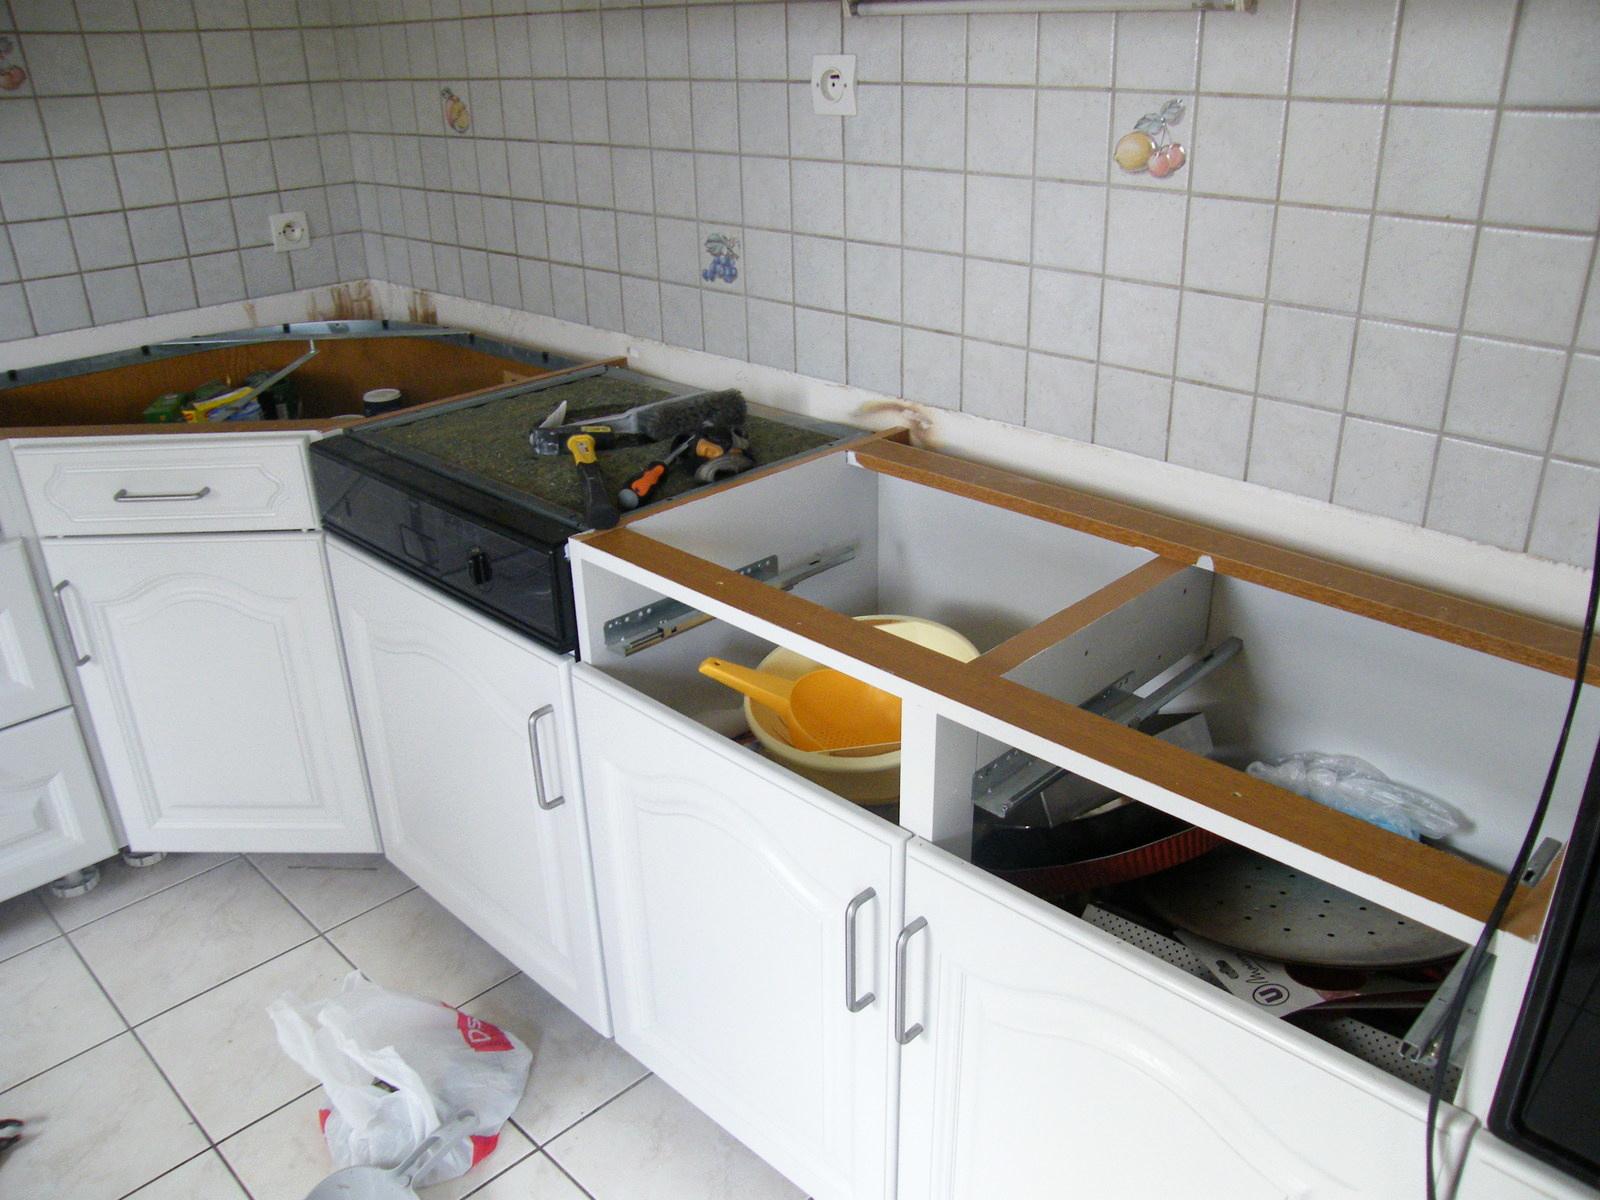 Castorama Plan De Travail Cuisine Impressionnant Images Pose Cuisine Castorama Frais Cache Plan De Travail Ides